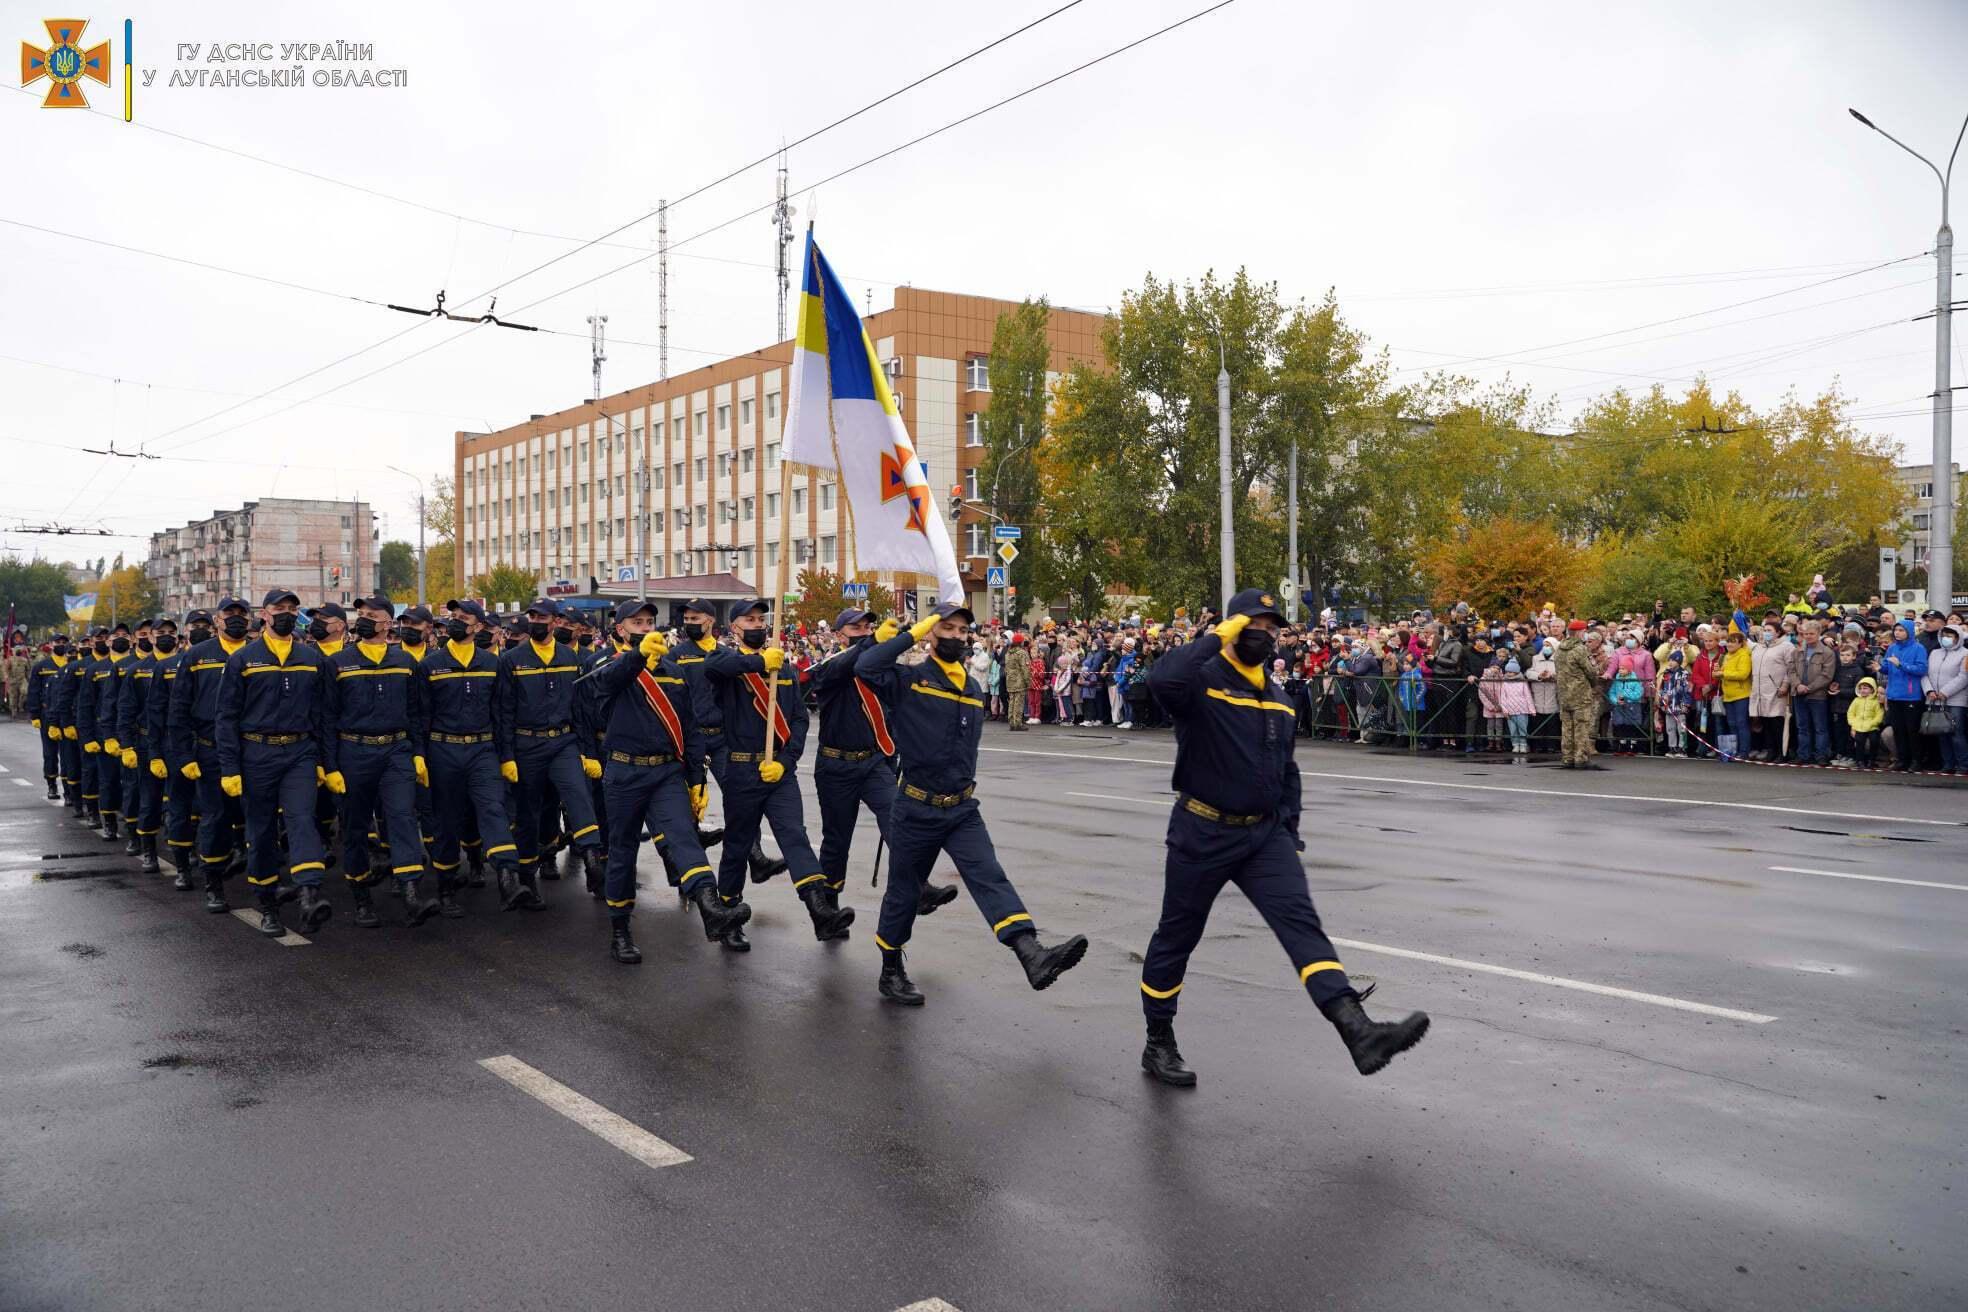 Спасатели ГосЧС приняли участие в параде